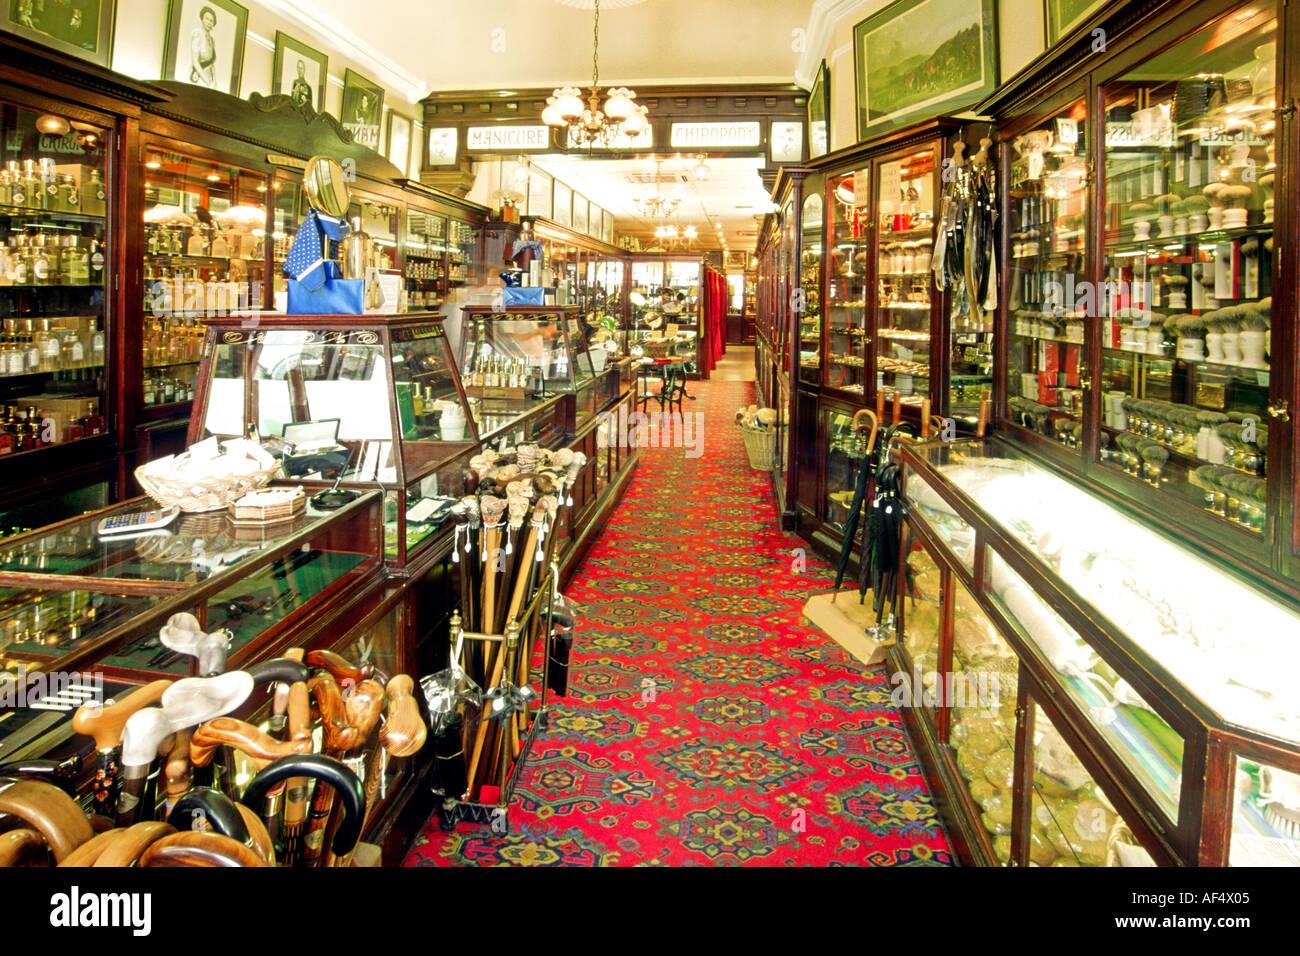 Victorian era interior - Stock Photo The Interior Of The Victorian Era George Trumper Barber S Shop In London